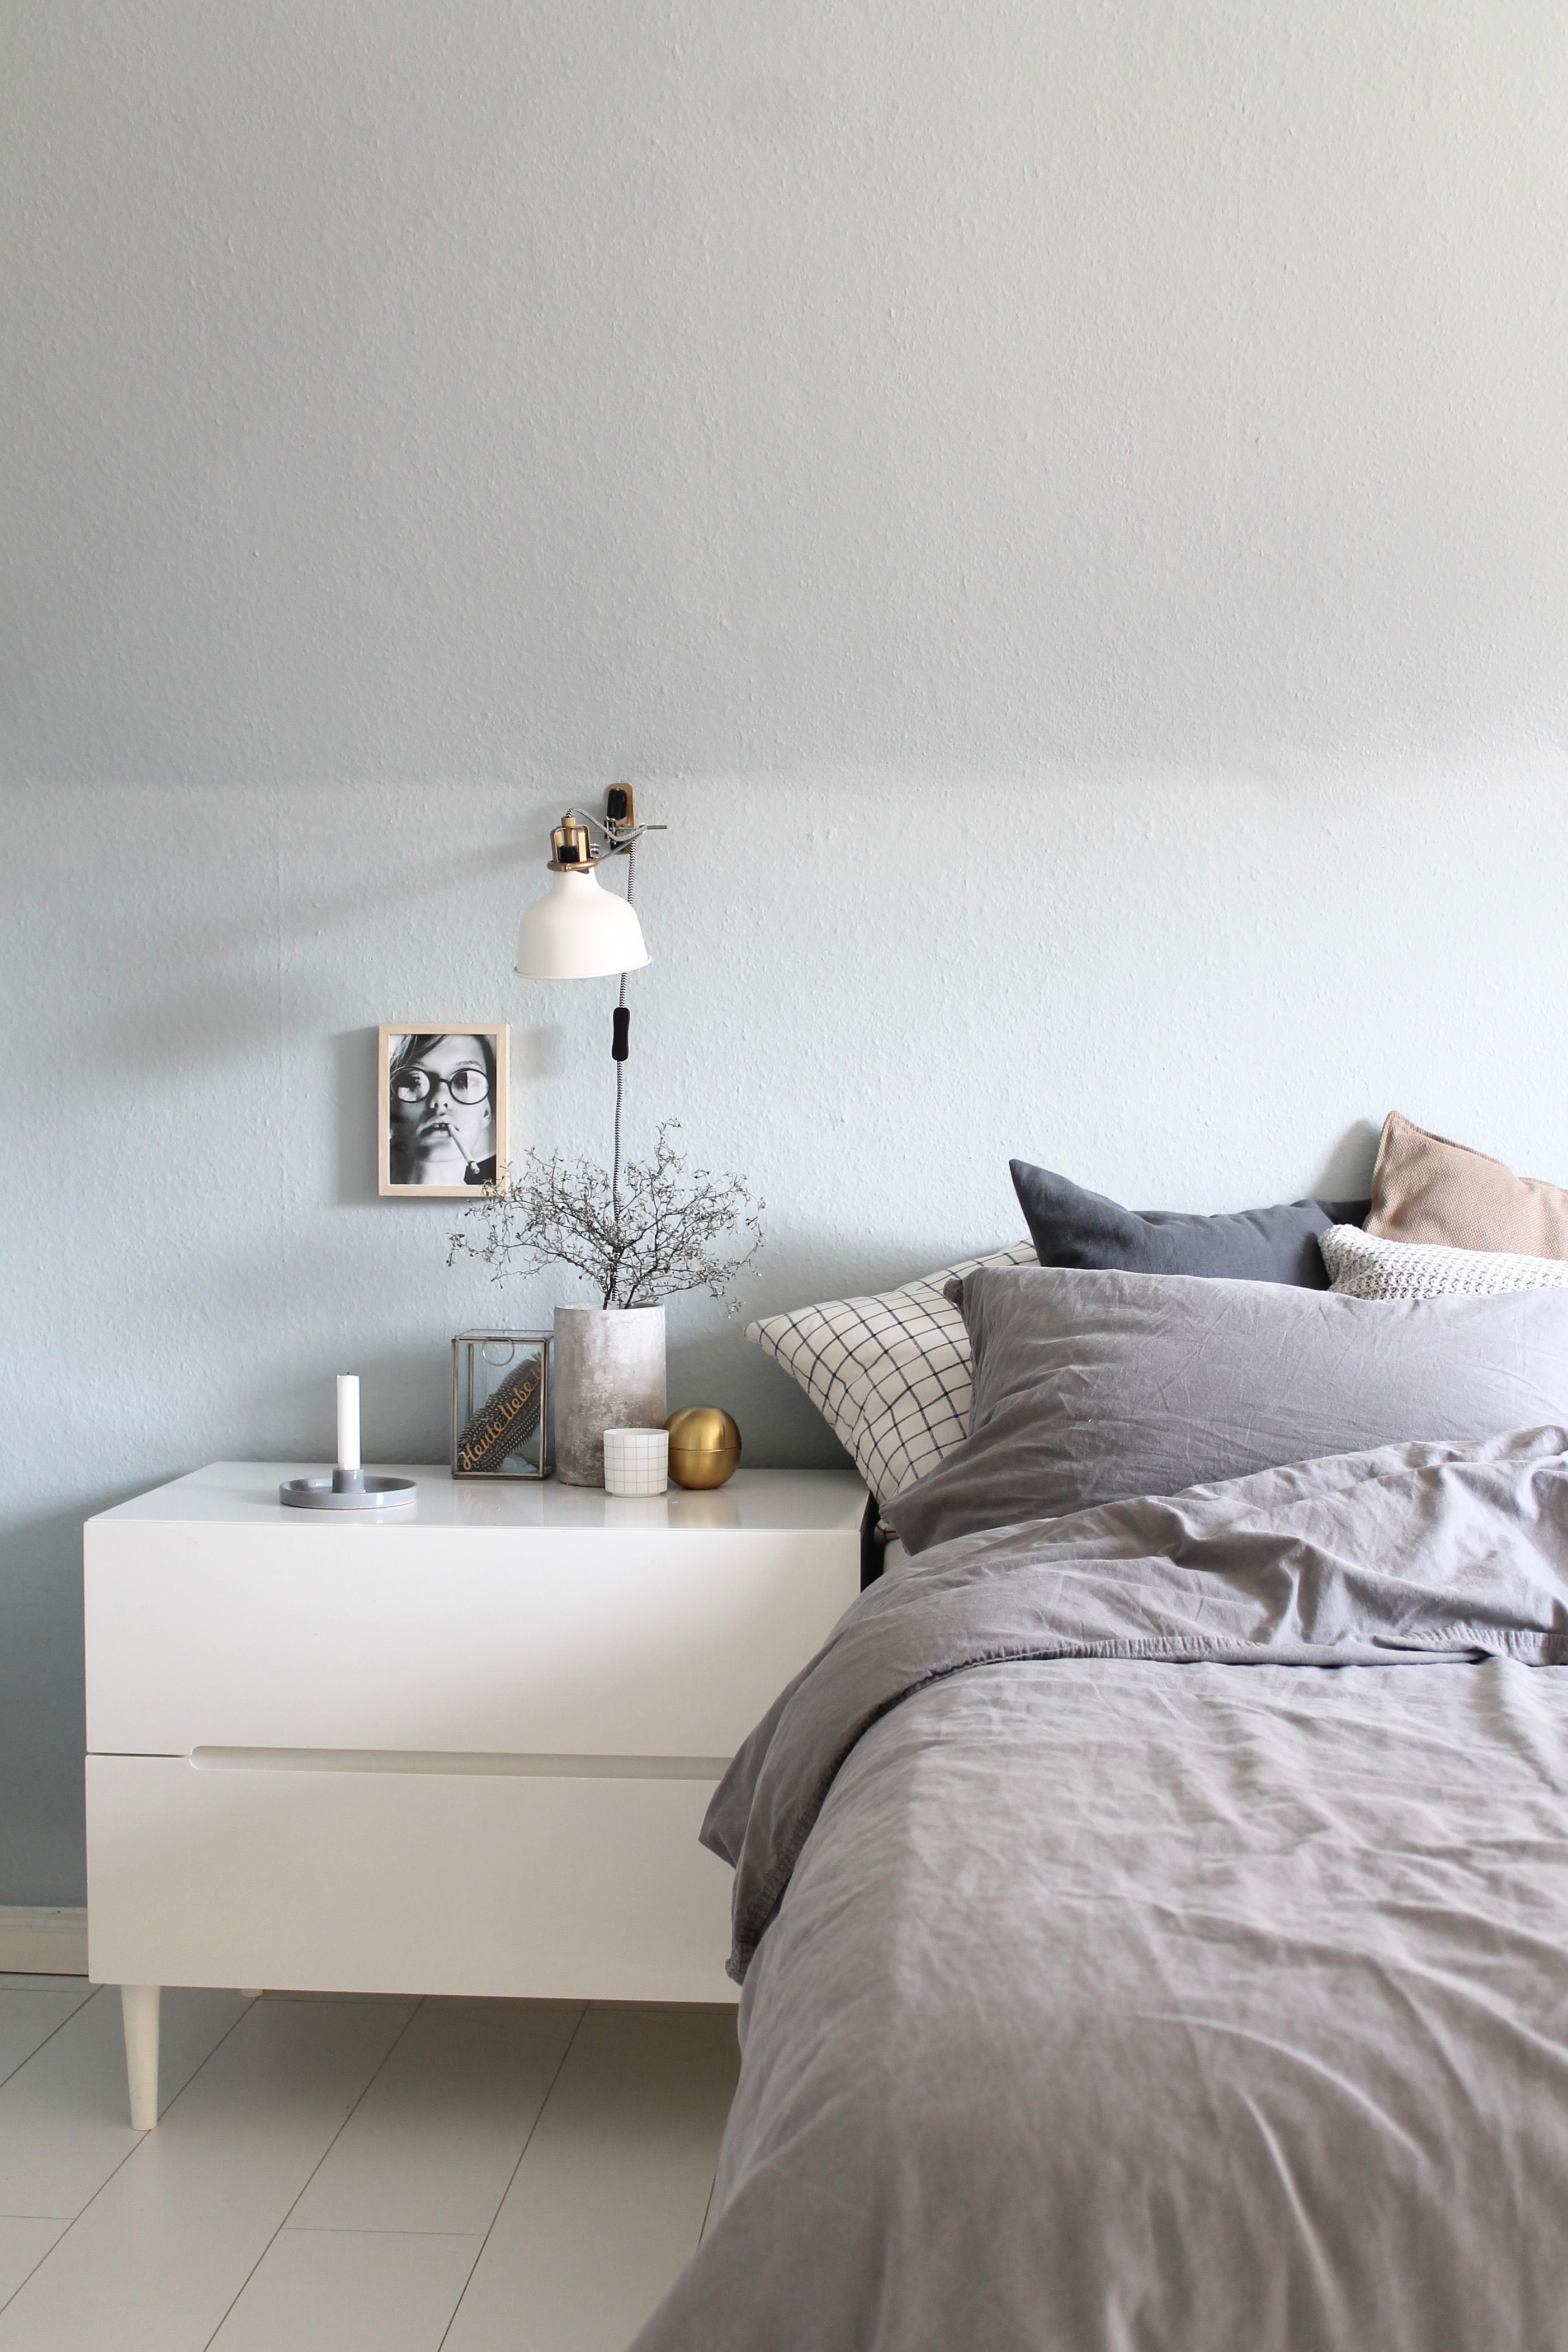 Ein Leichtes Frisches Blau Ist Im Schlafzimmer Eingezogen.... Schlafzimmer,  Blau, Farbe, Streichen, Kolorat, Vanessa Paradis, Grau, Ikea, Leinen,  Ranarp, ...